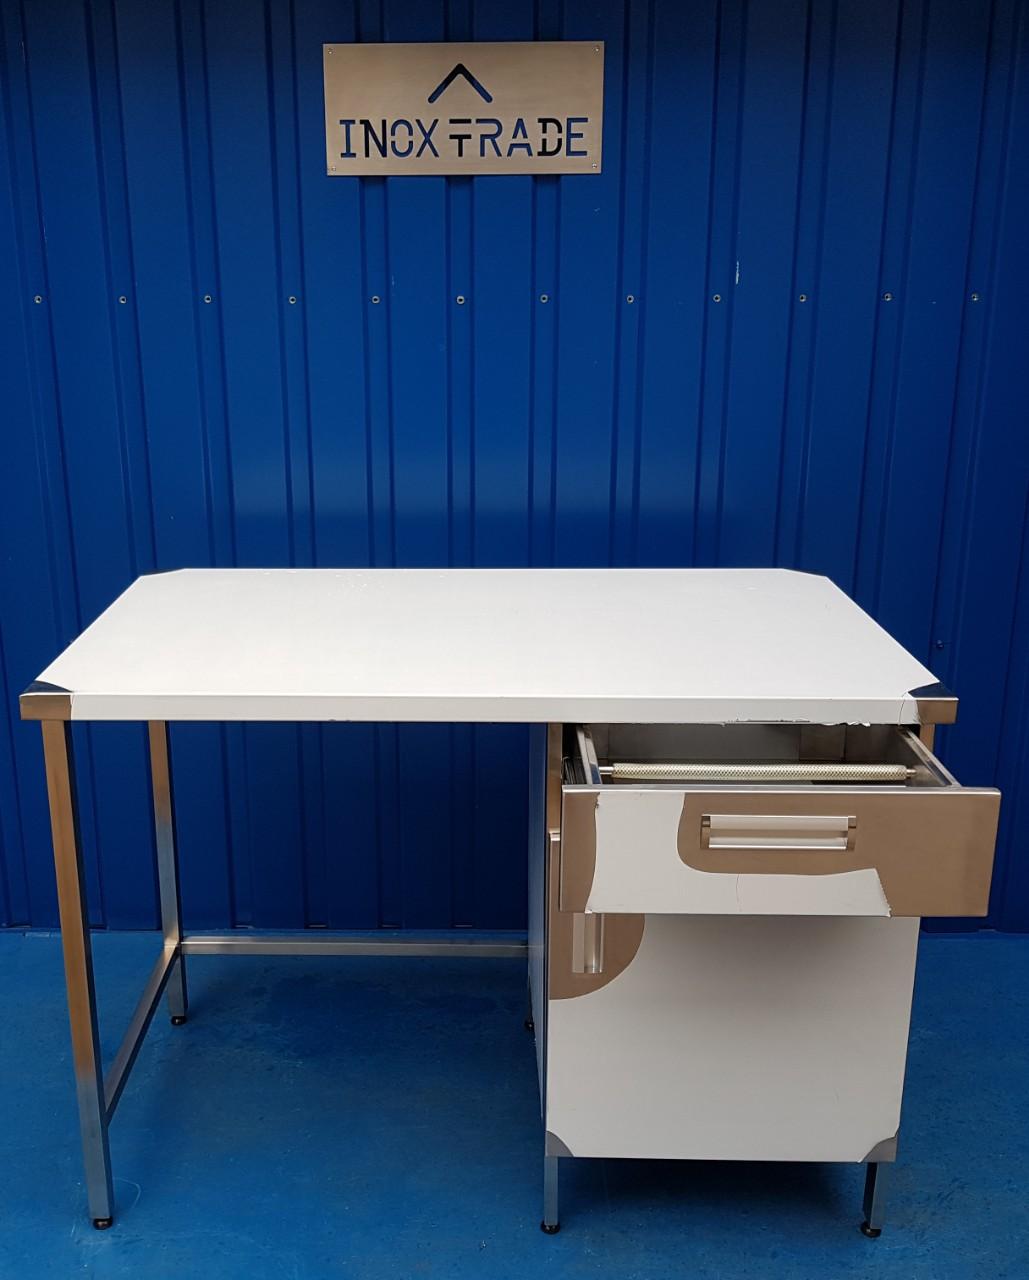 Стол производственный нейтральный 1900мм x 600мм x 850мм - фотография №3